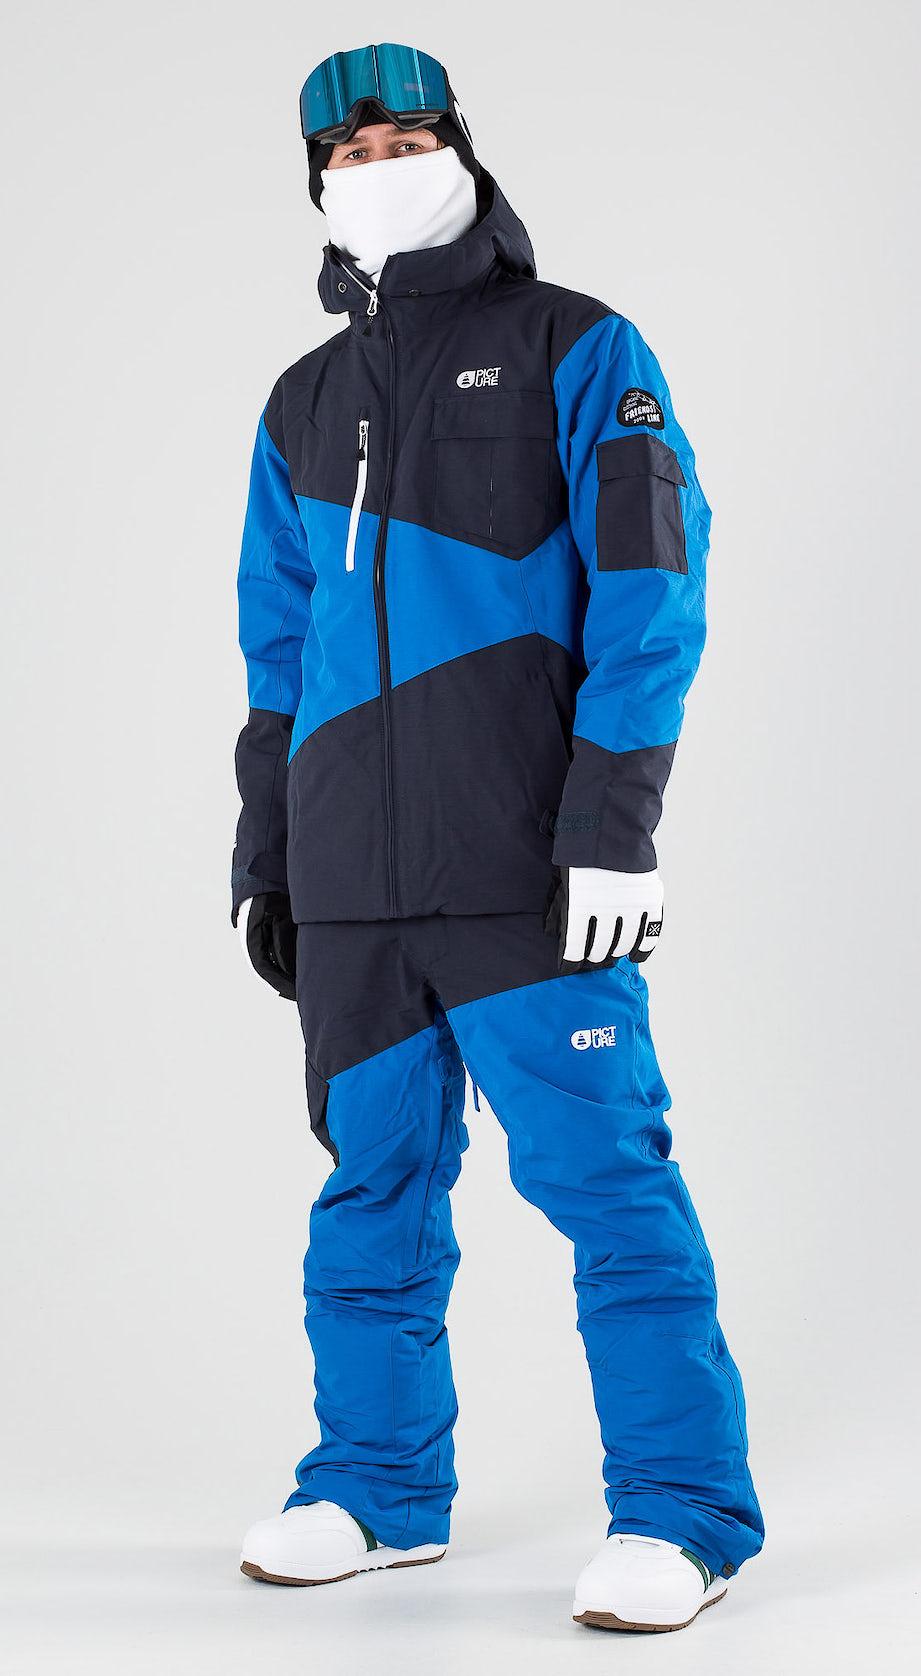 Picture Styler Blue Snowboardkläder Multi